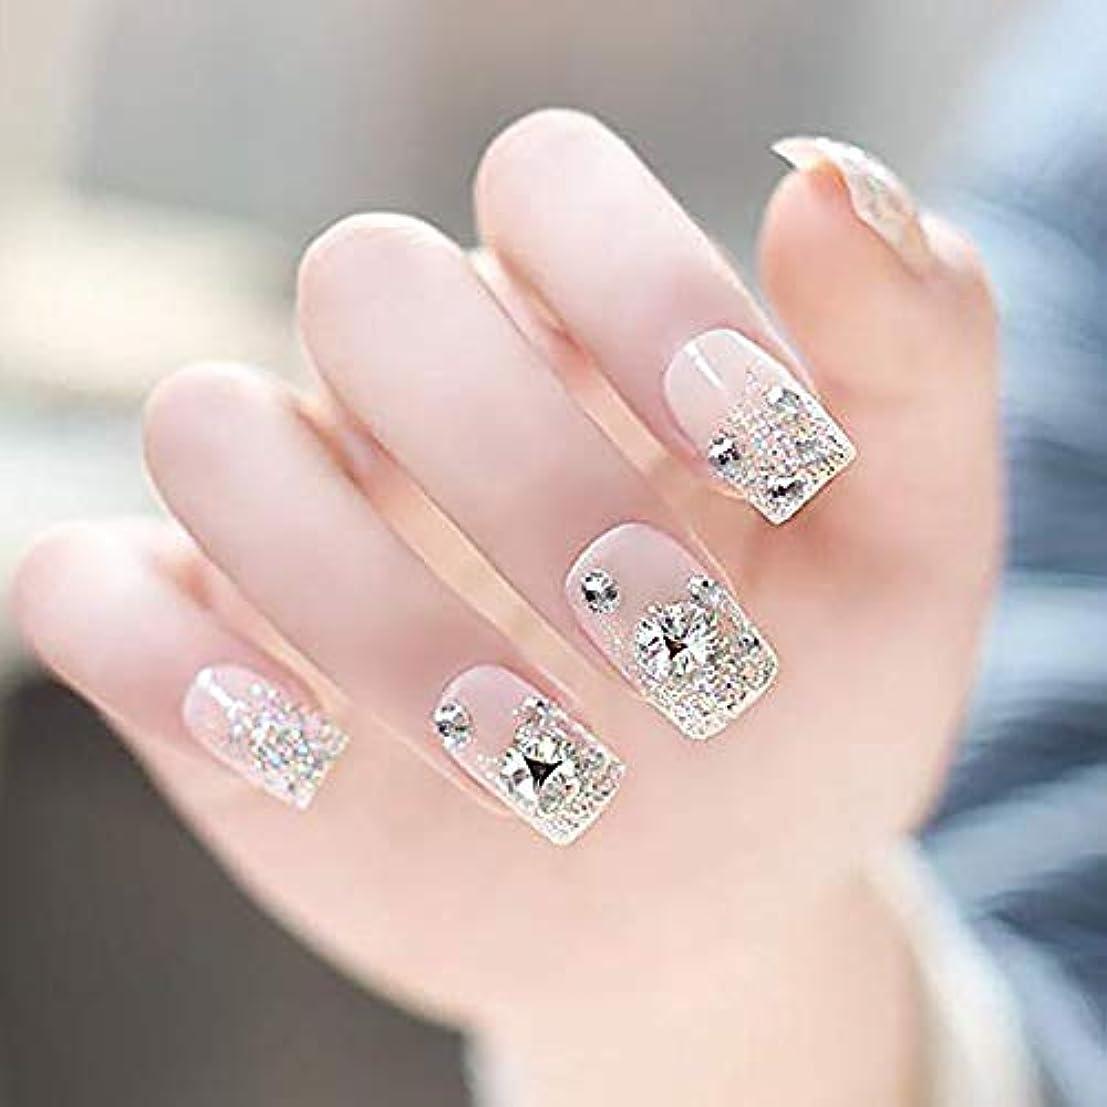 クマノミ喜んでバー24 枚セット チップ つけ爪 付け爪 つけ方簡単 ネイル